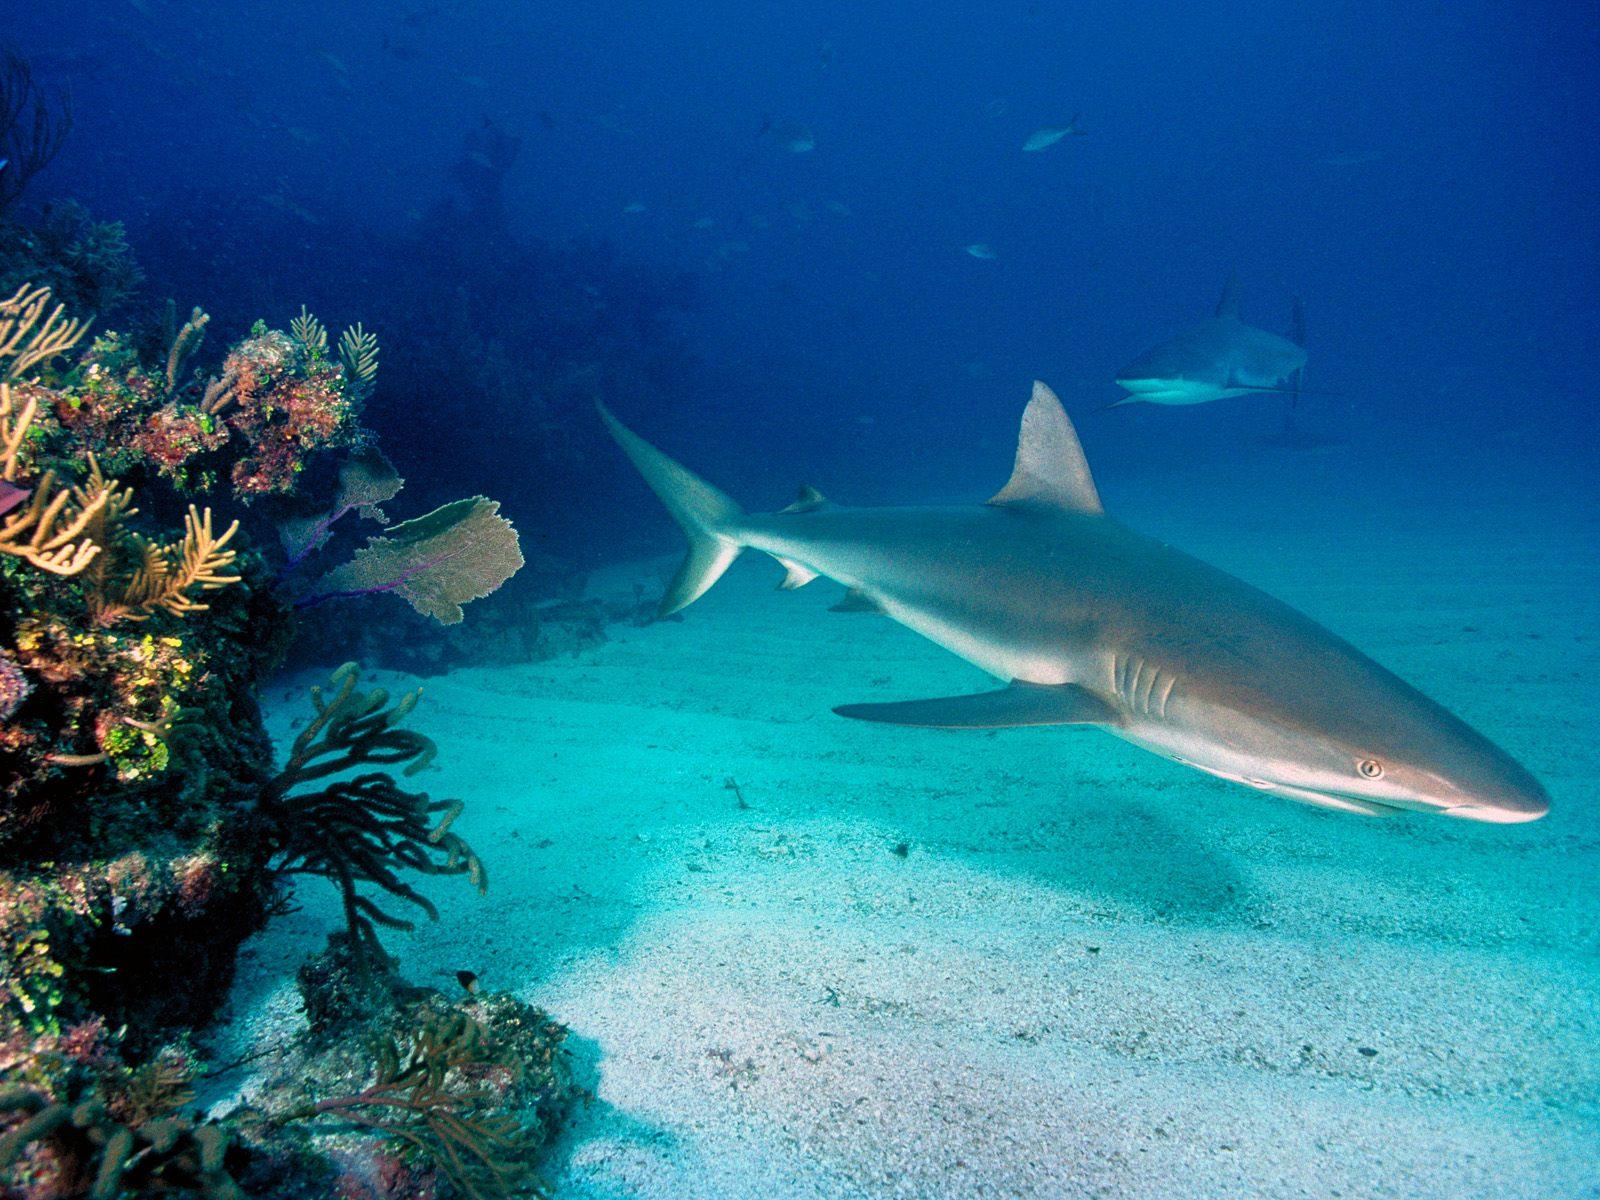 http://www.shareyourwallpaper.com/upload/wallpaper/animals/underwater/underwater_33f892bb.jpg